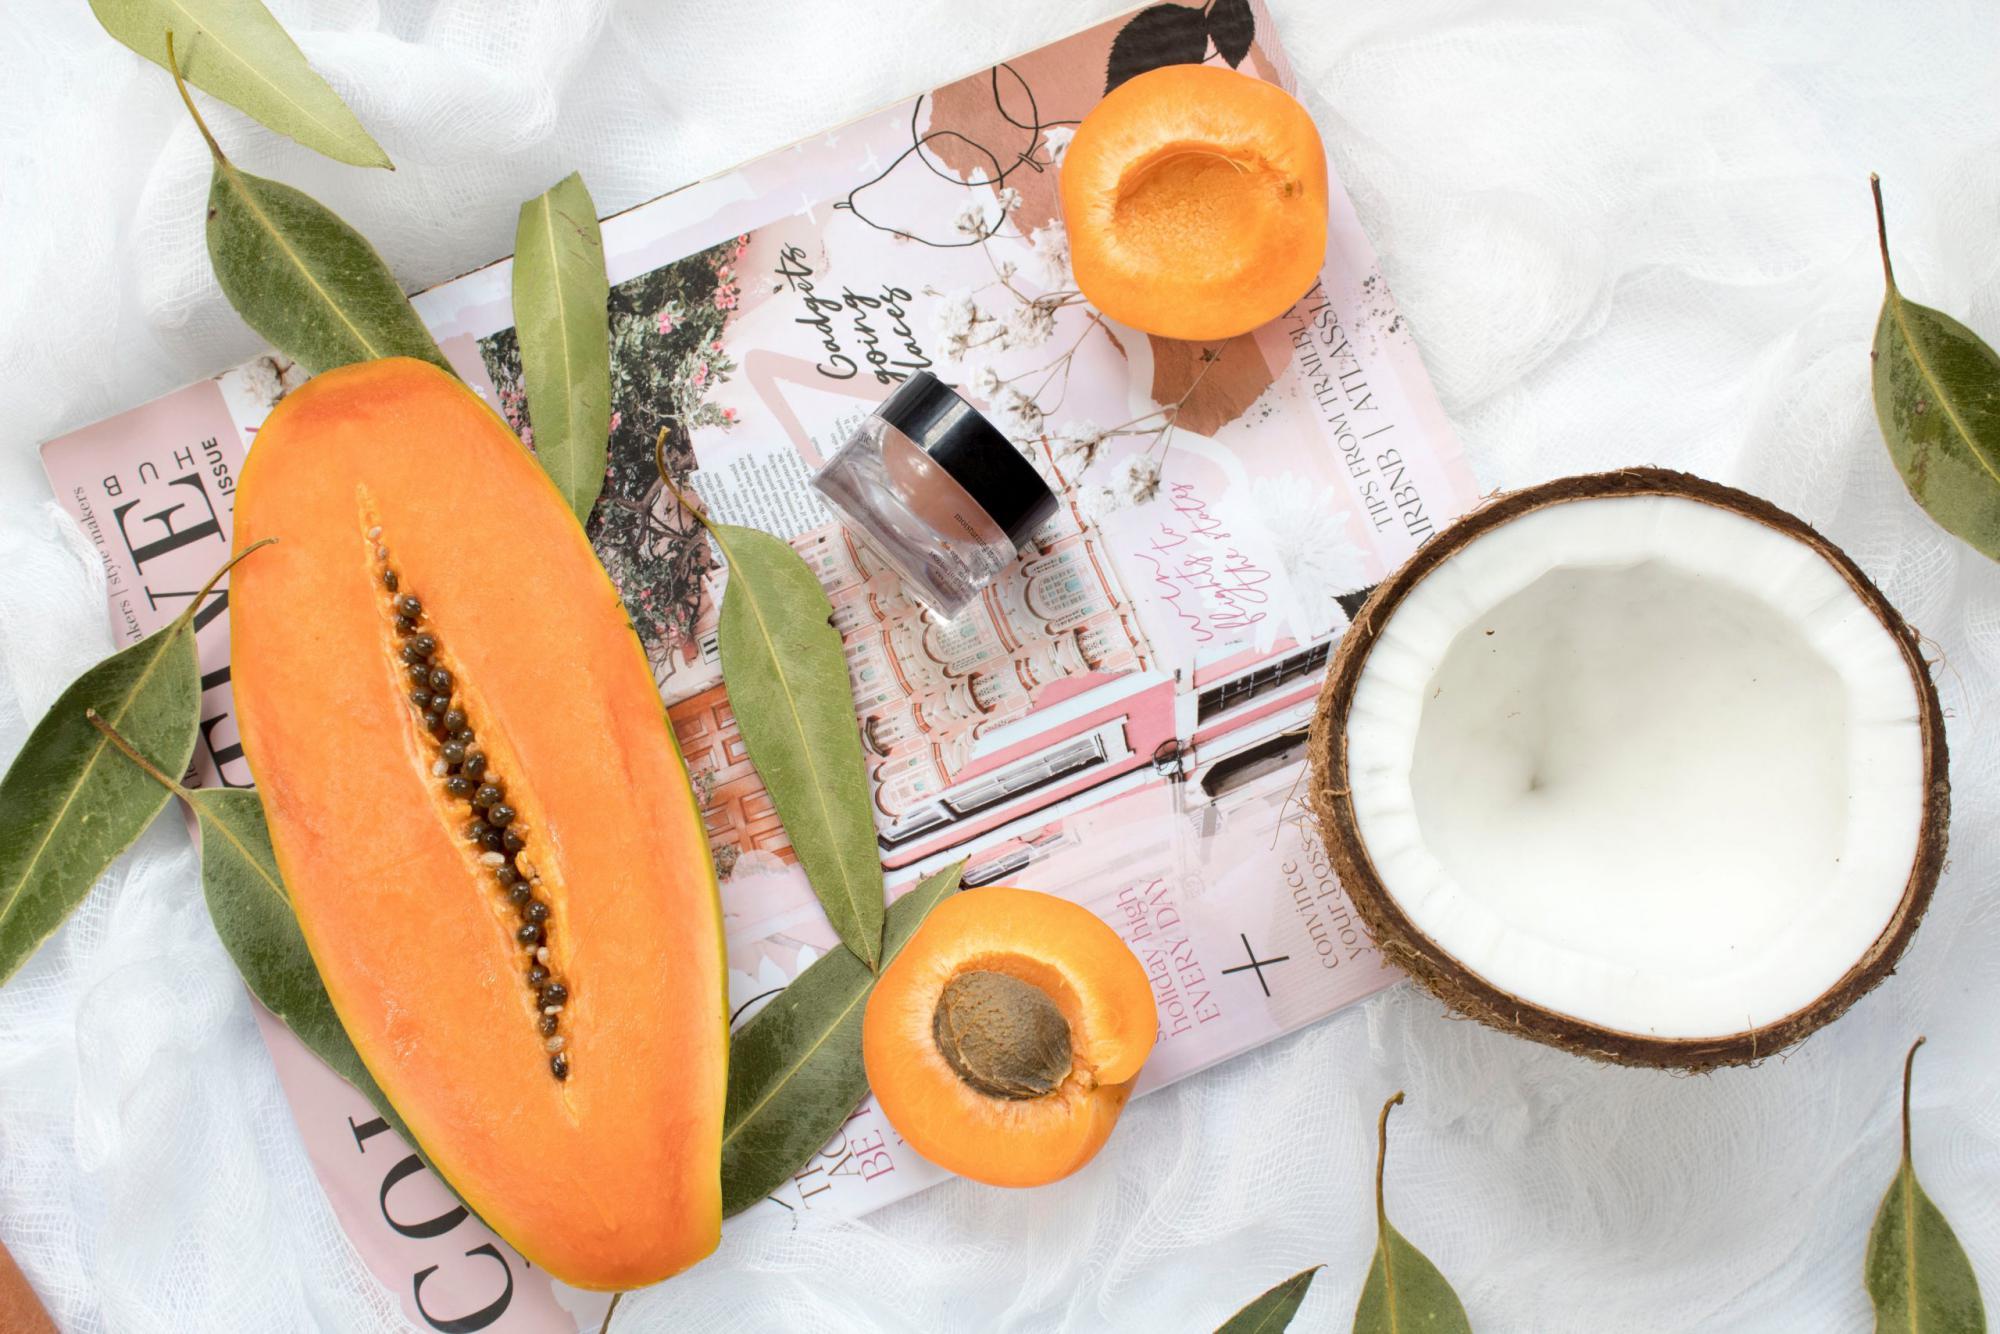 フルーツと保湿用の化粧品